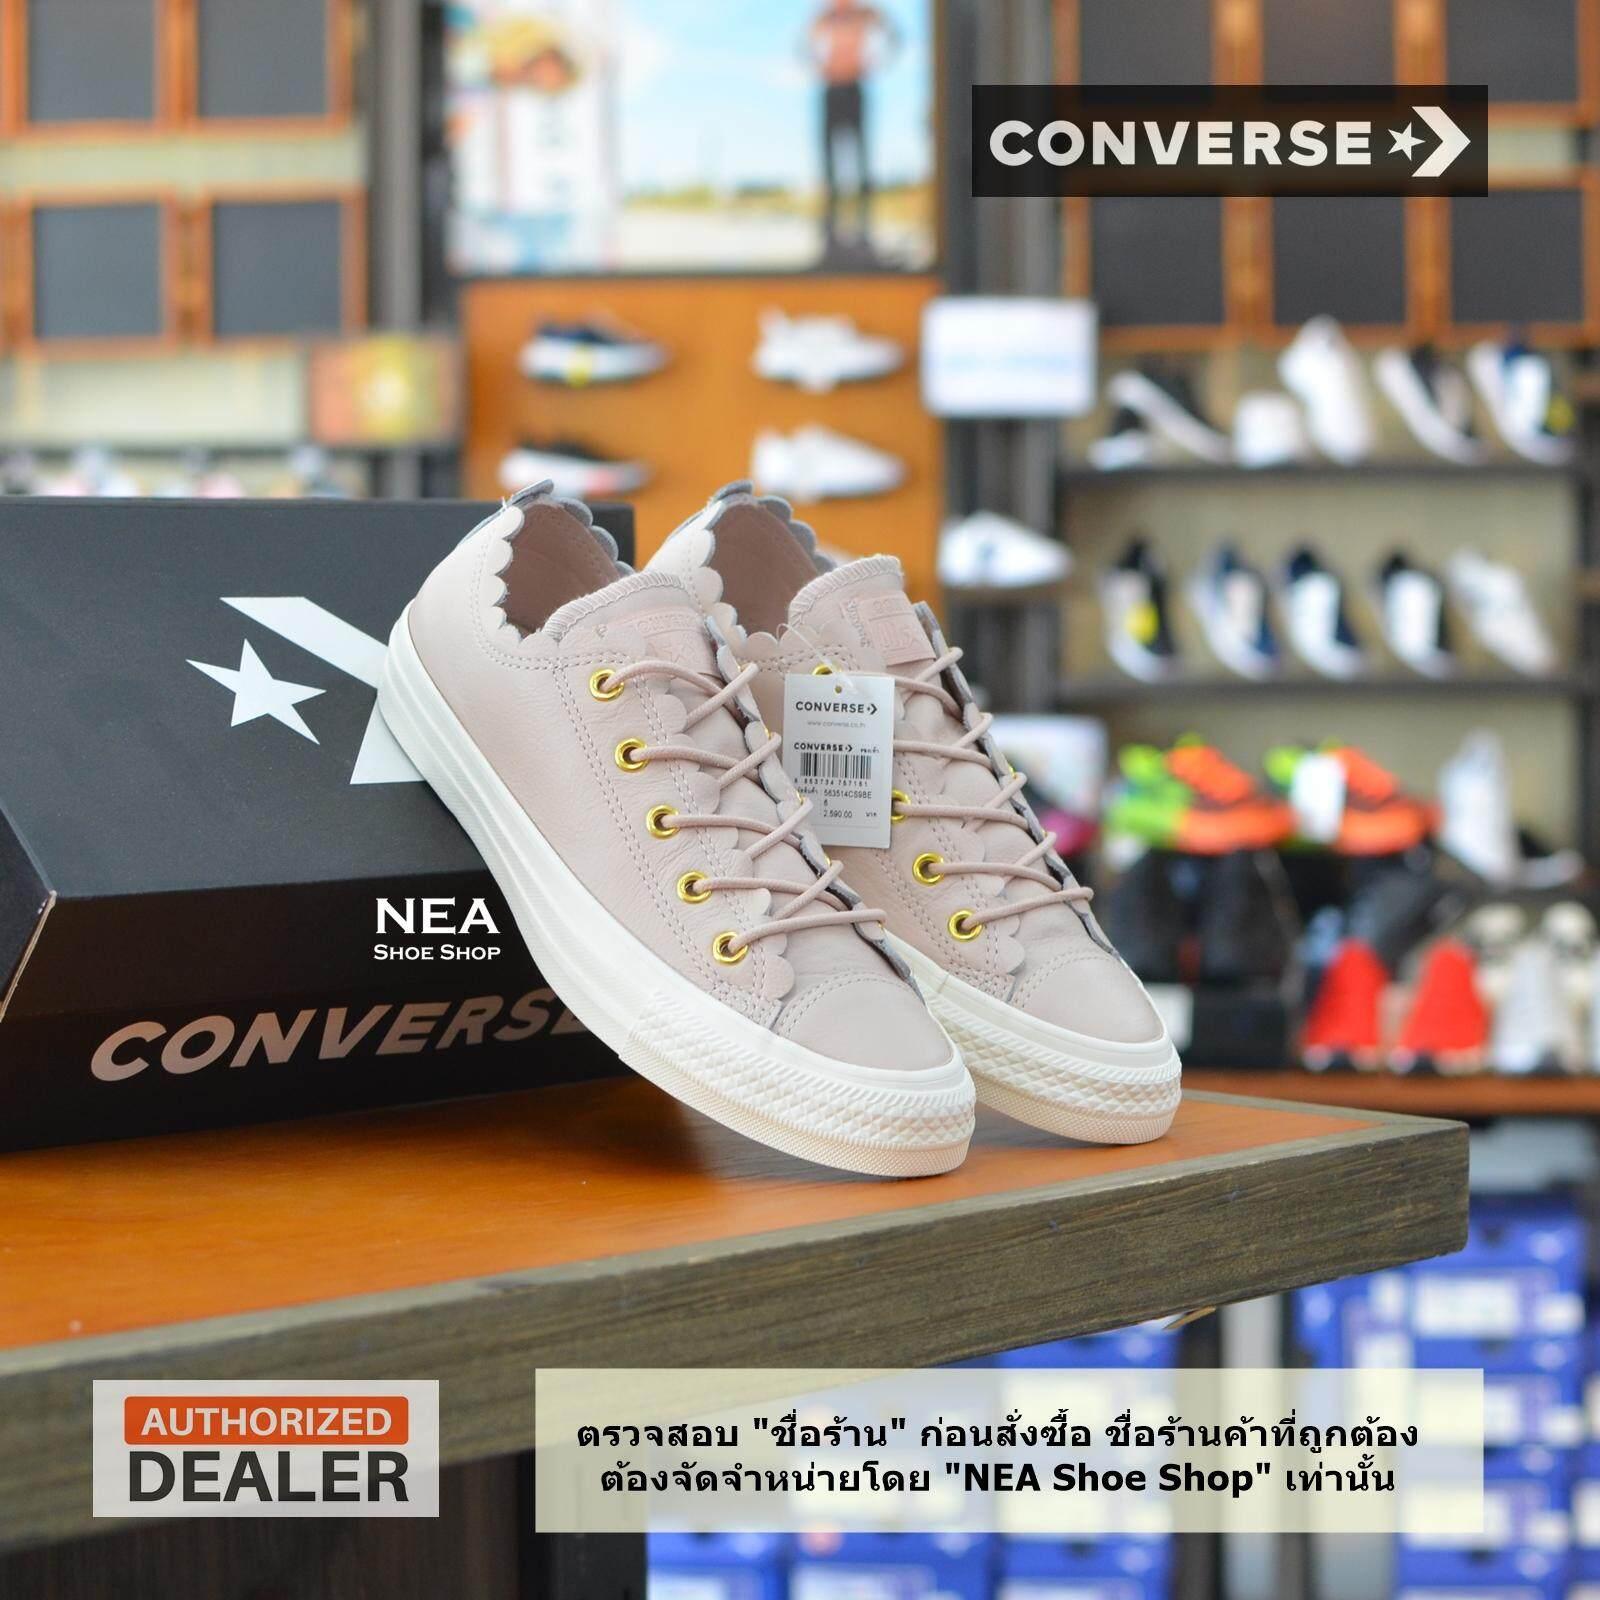 สอนใช้งาน  สุราษฎร์ธานี [ลิขสิทธิ์แท้] Converse All Star Scalloped (Leather) Beige/Gold ox รองเท้า คอรเวิร์ส หนังแท้ ผู้หญิง